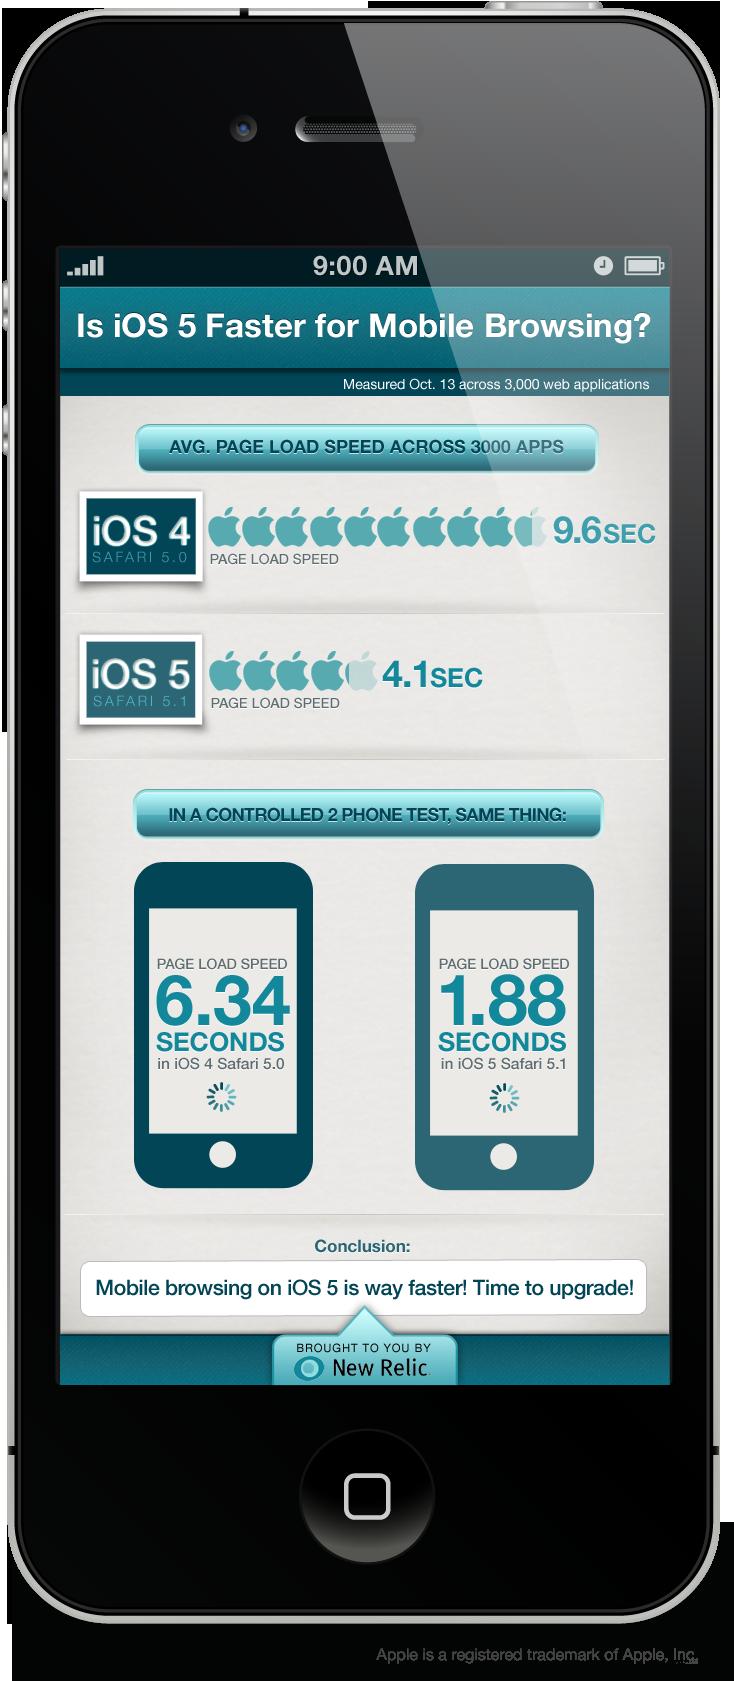 IOS 5 Mobil Tarama İçin Daha Mı Hızlı ?